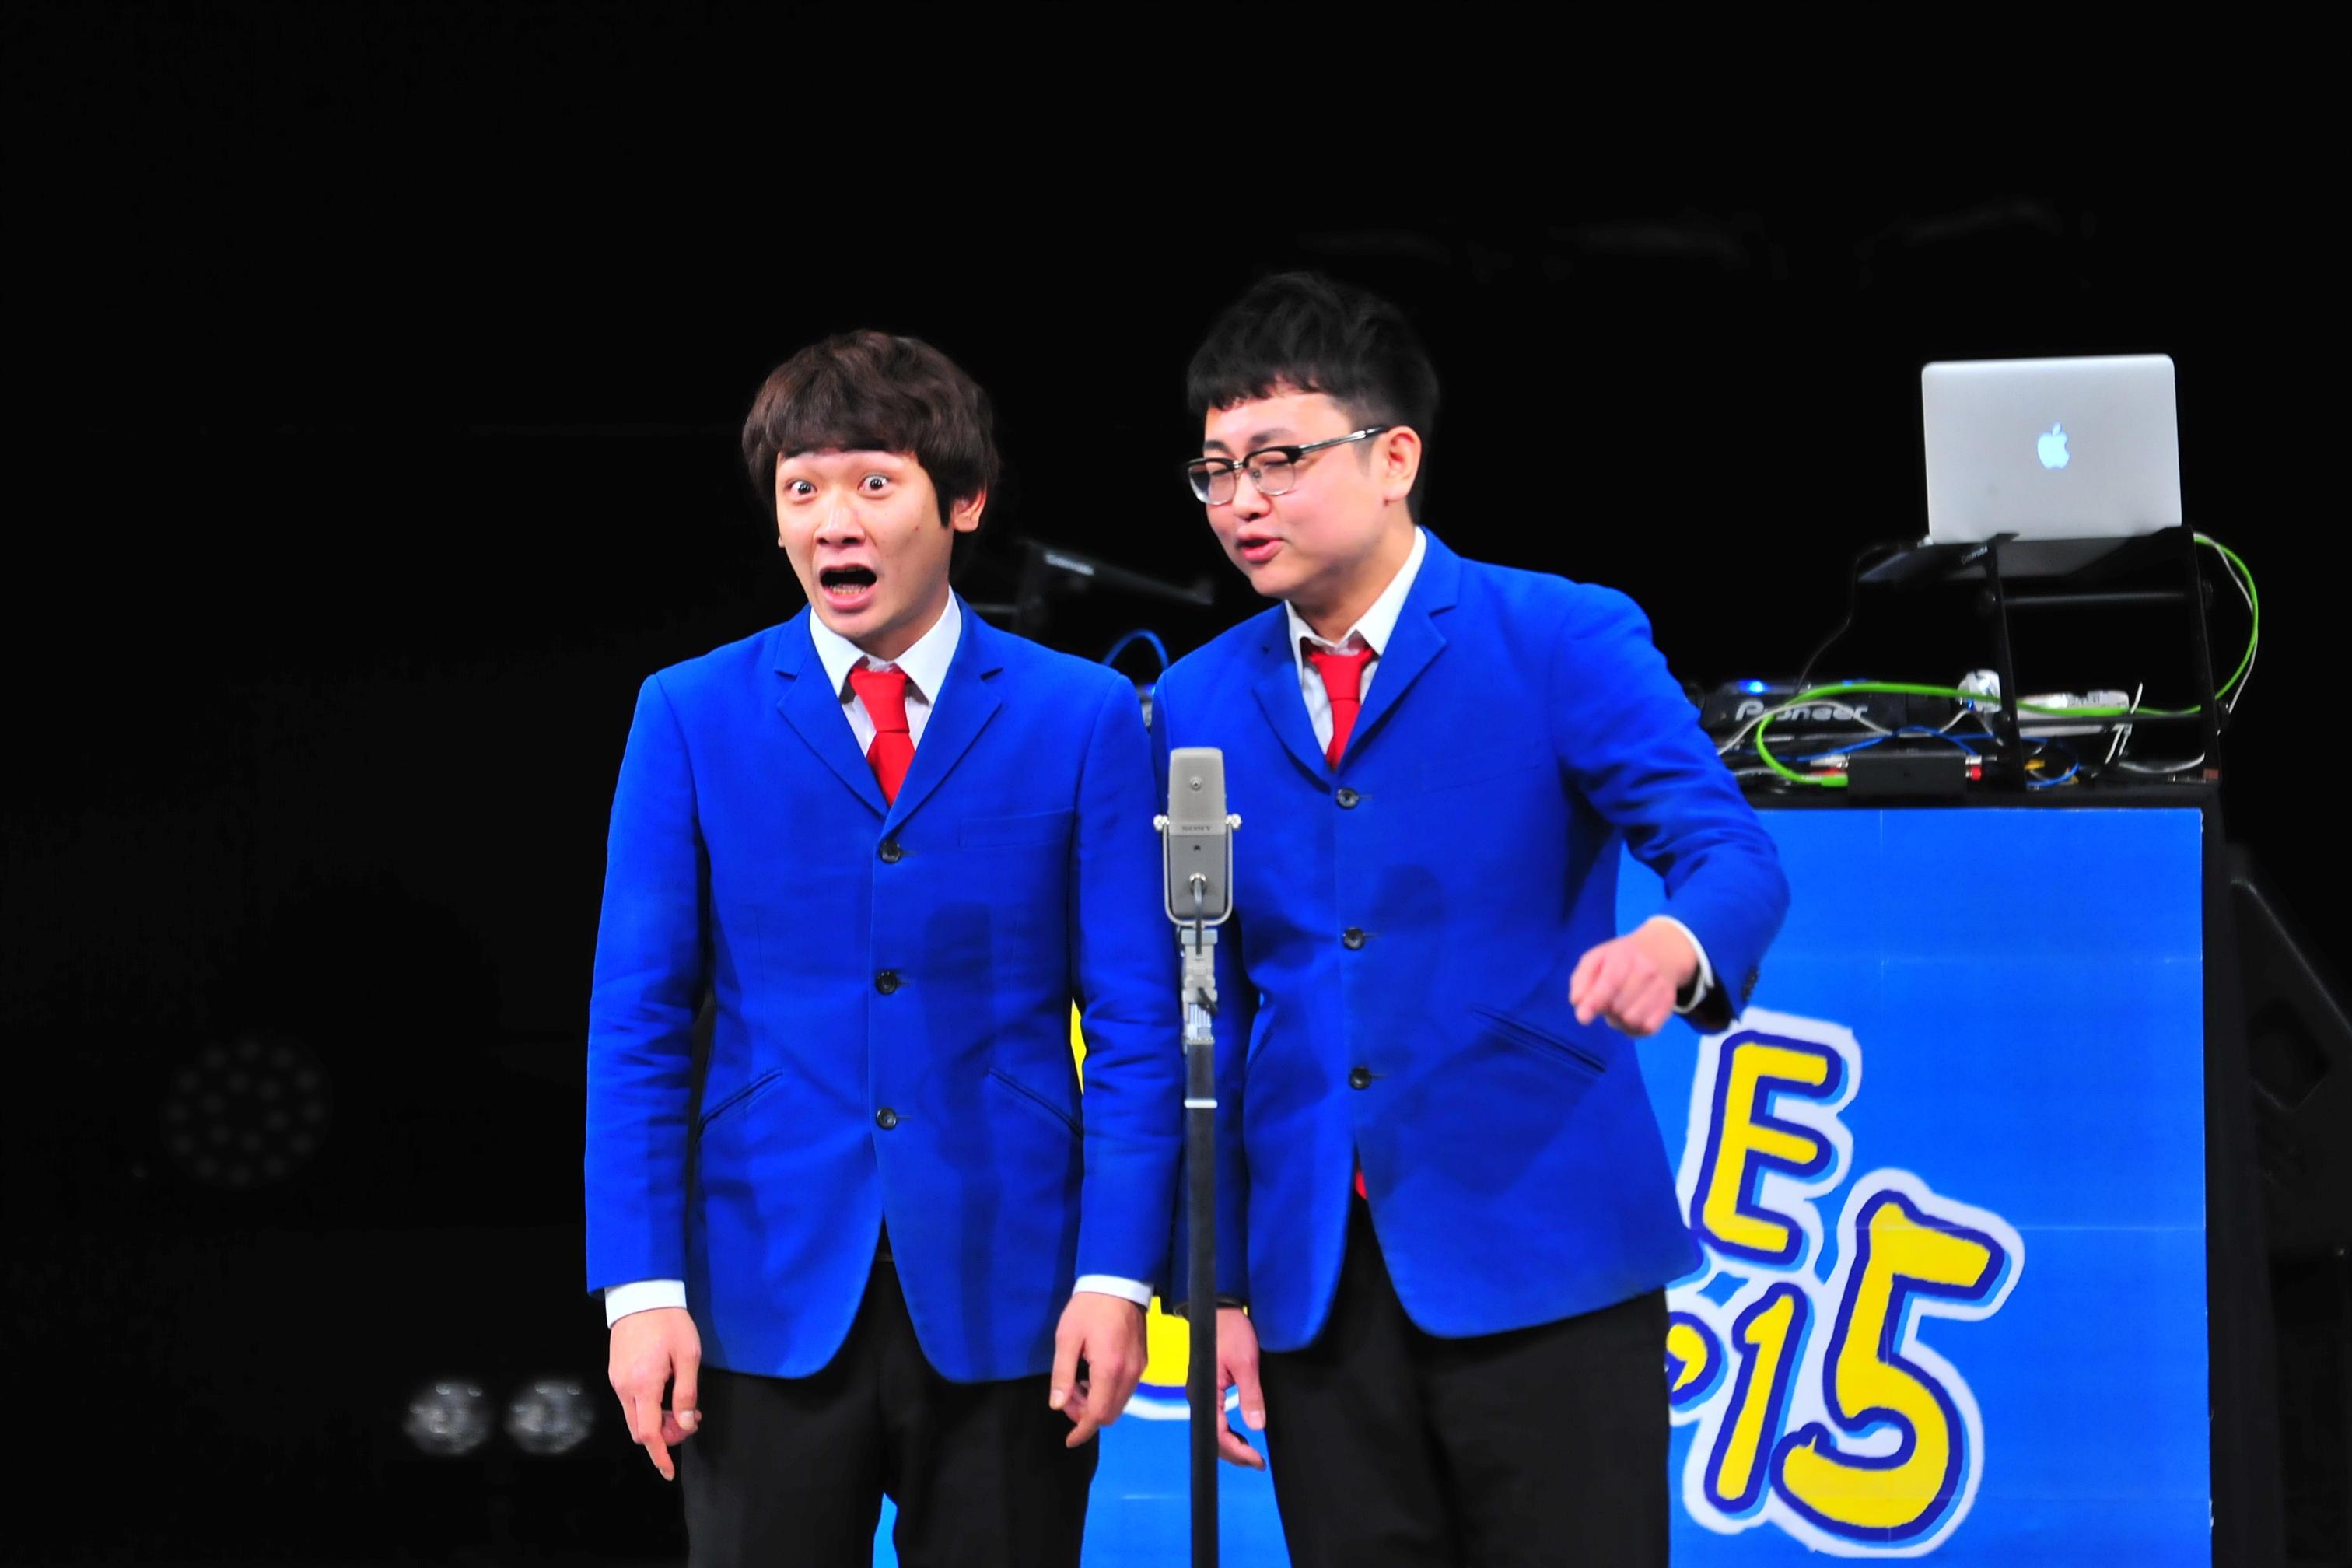 http://news.yoshimoto.co.jp/20151231133515-622bd4929d57cf1ce189abb2bd218c495c2b8aa3.jpg